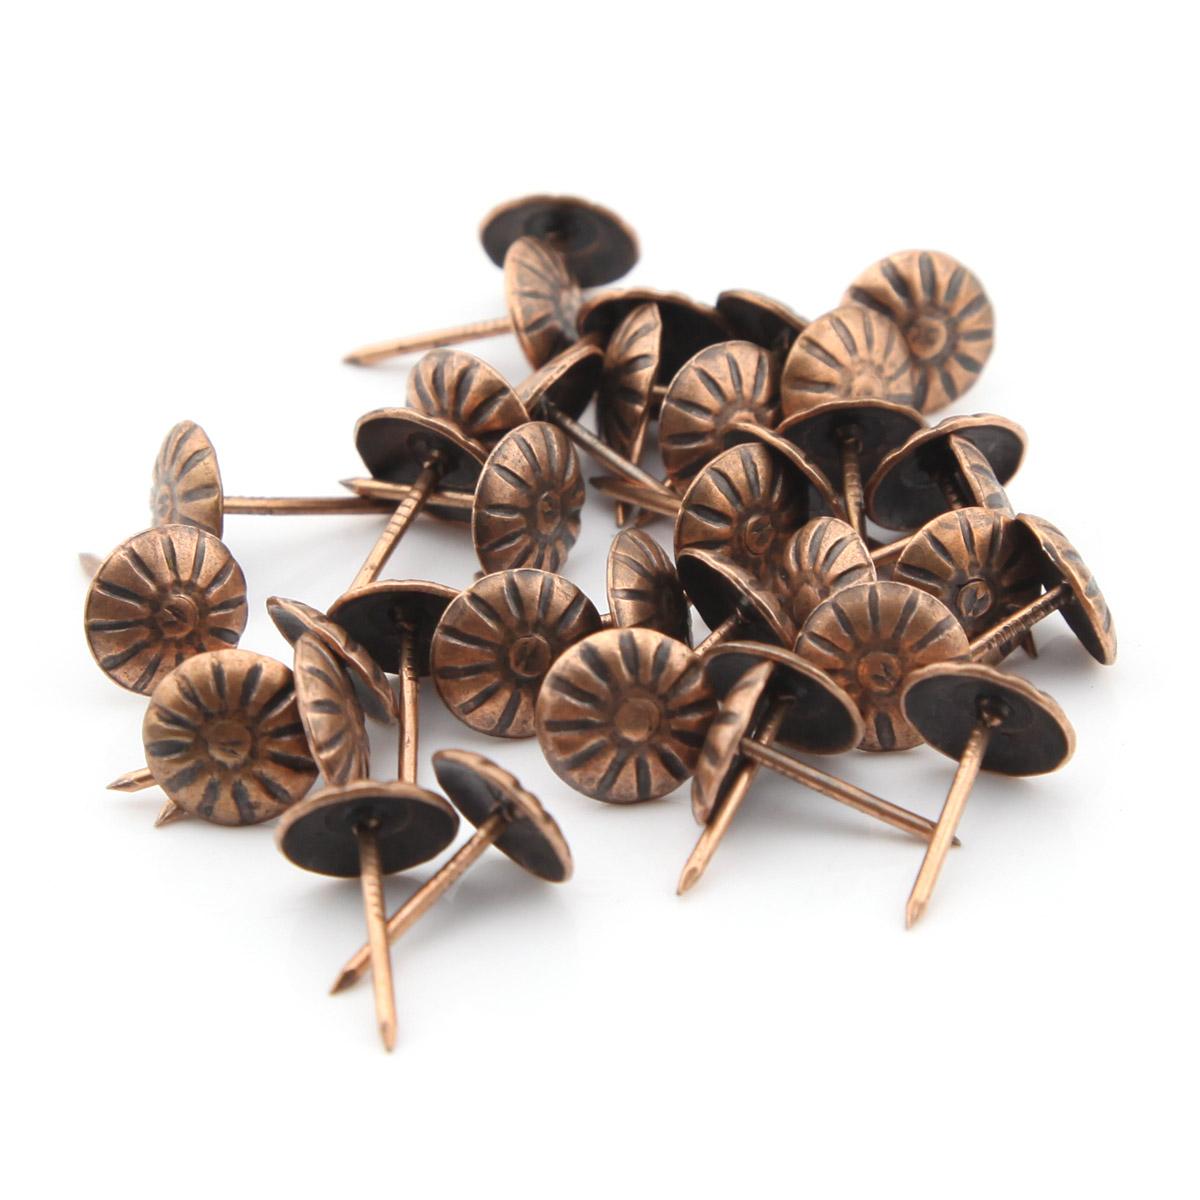 100pcs 11mmx16mm Red Bronze Chrysanthemum nails Pushpin Doornail Drawing Pin Deco Tack Upholstery Nail Drum Nail Thumbtack(China (Mainland))